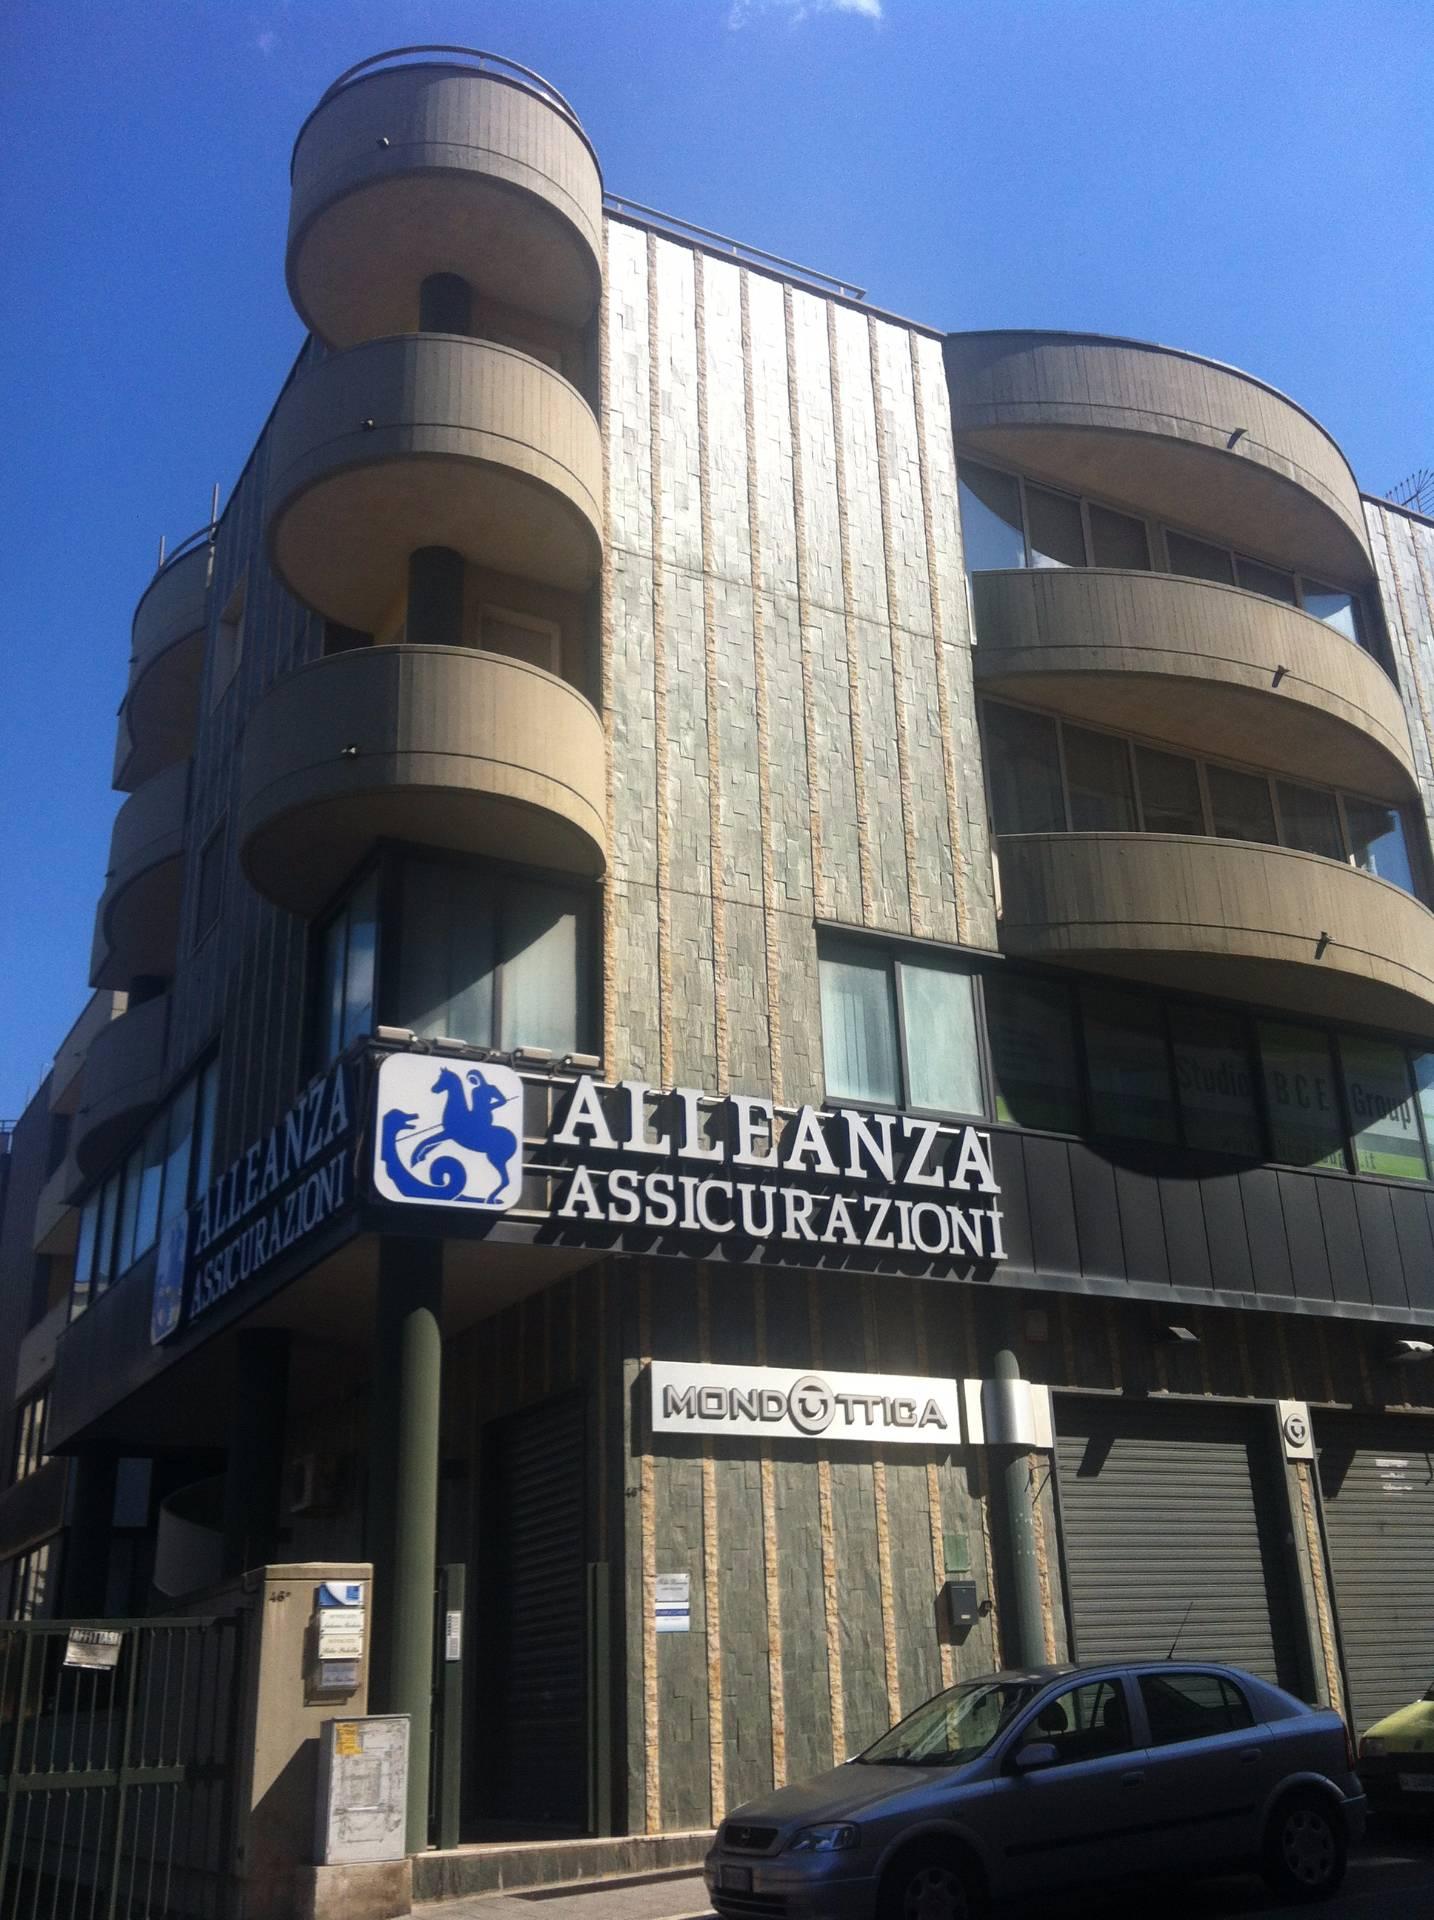 Ufficio / Studio in affitto a Altamura, 9999 locali, Trattative riservate | CambioCasa.it